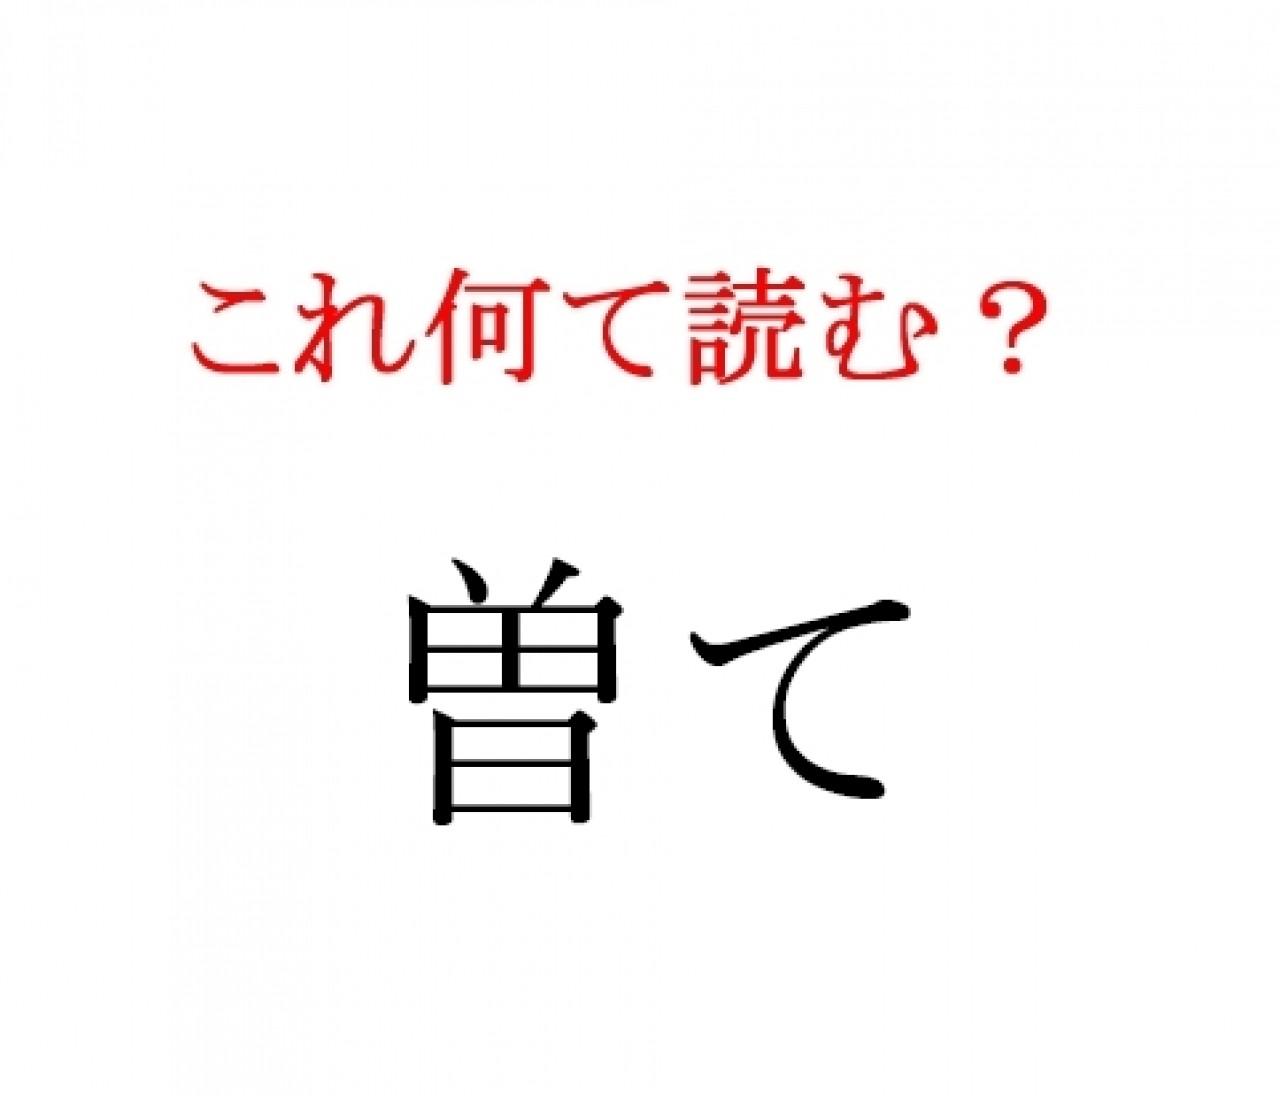 「曽て」:この漢字、自信を持って読めますか?【働く大人の漢字クイズvol.1】